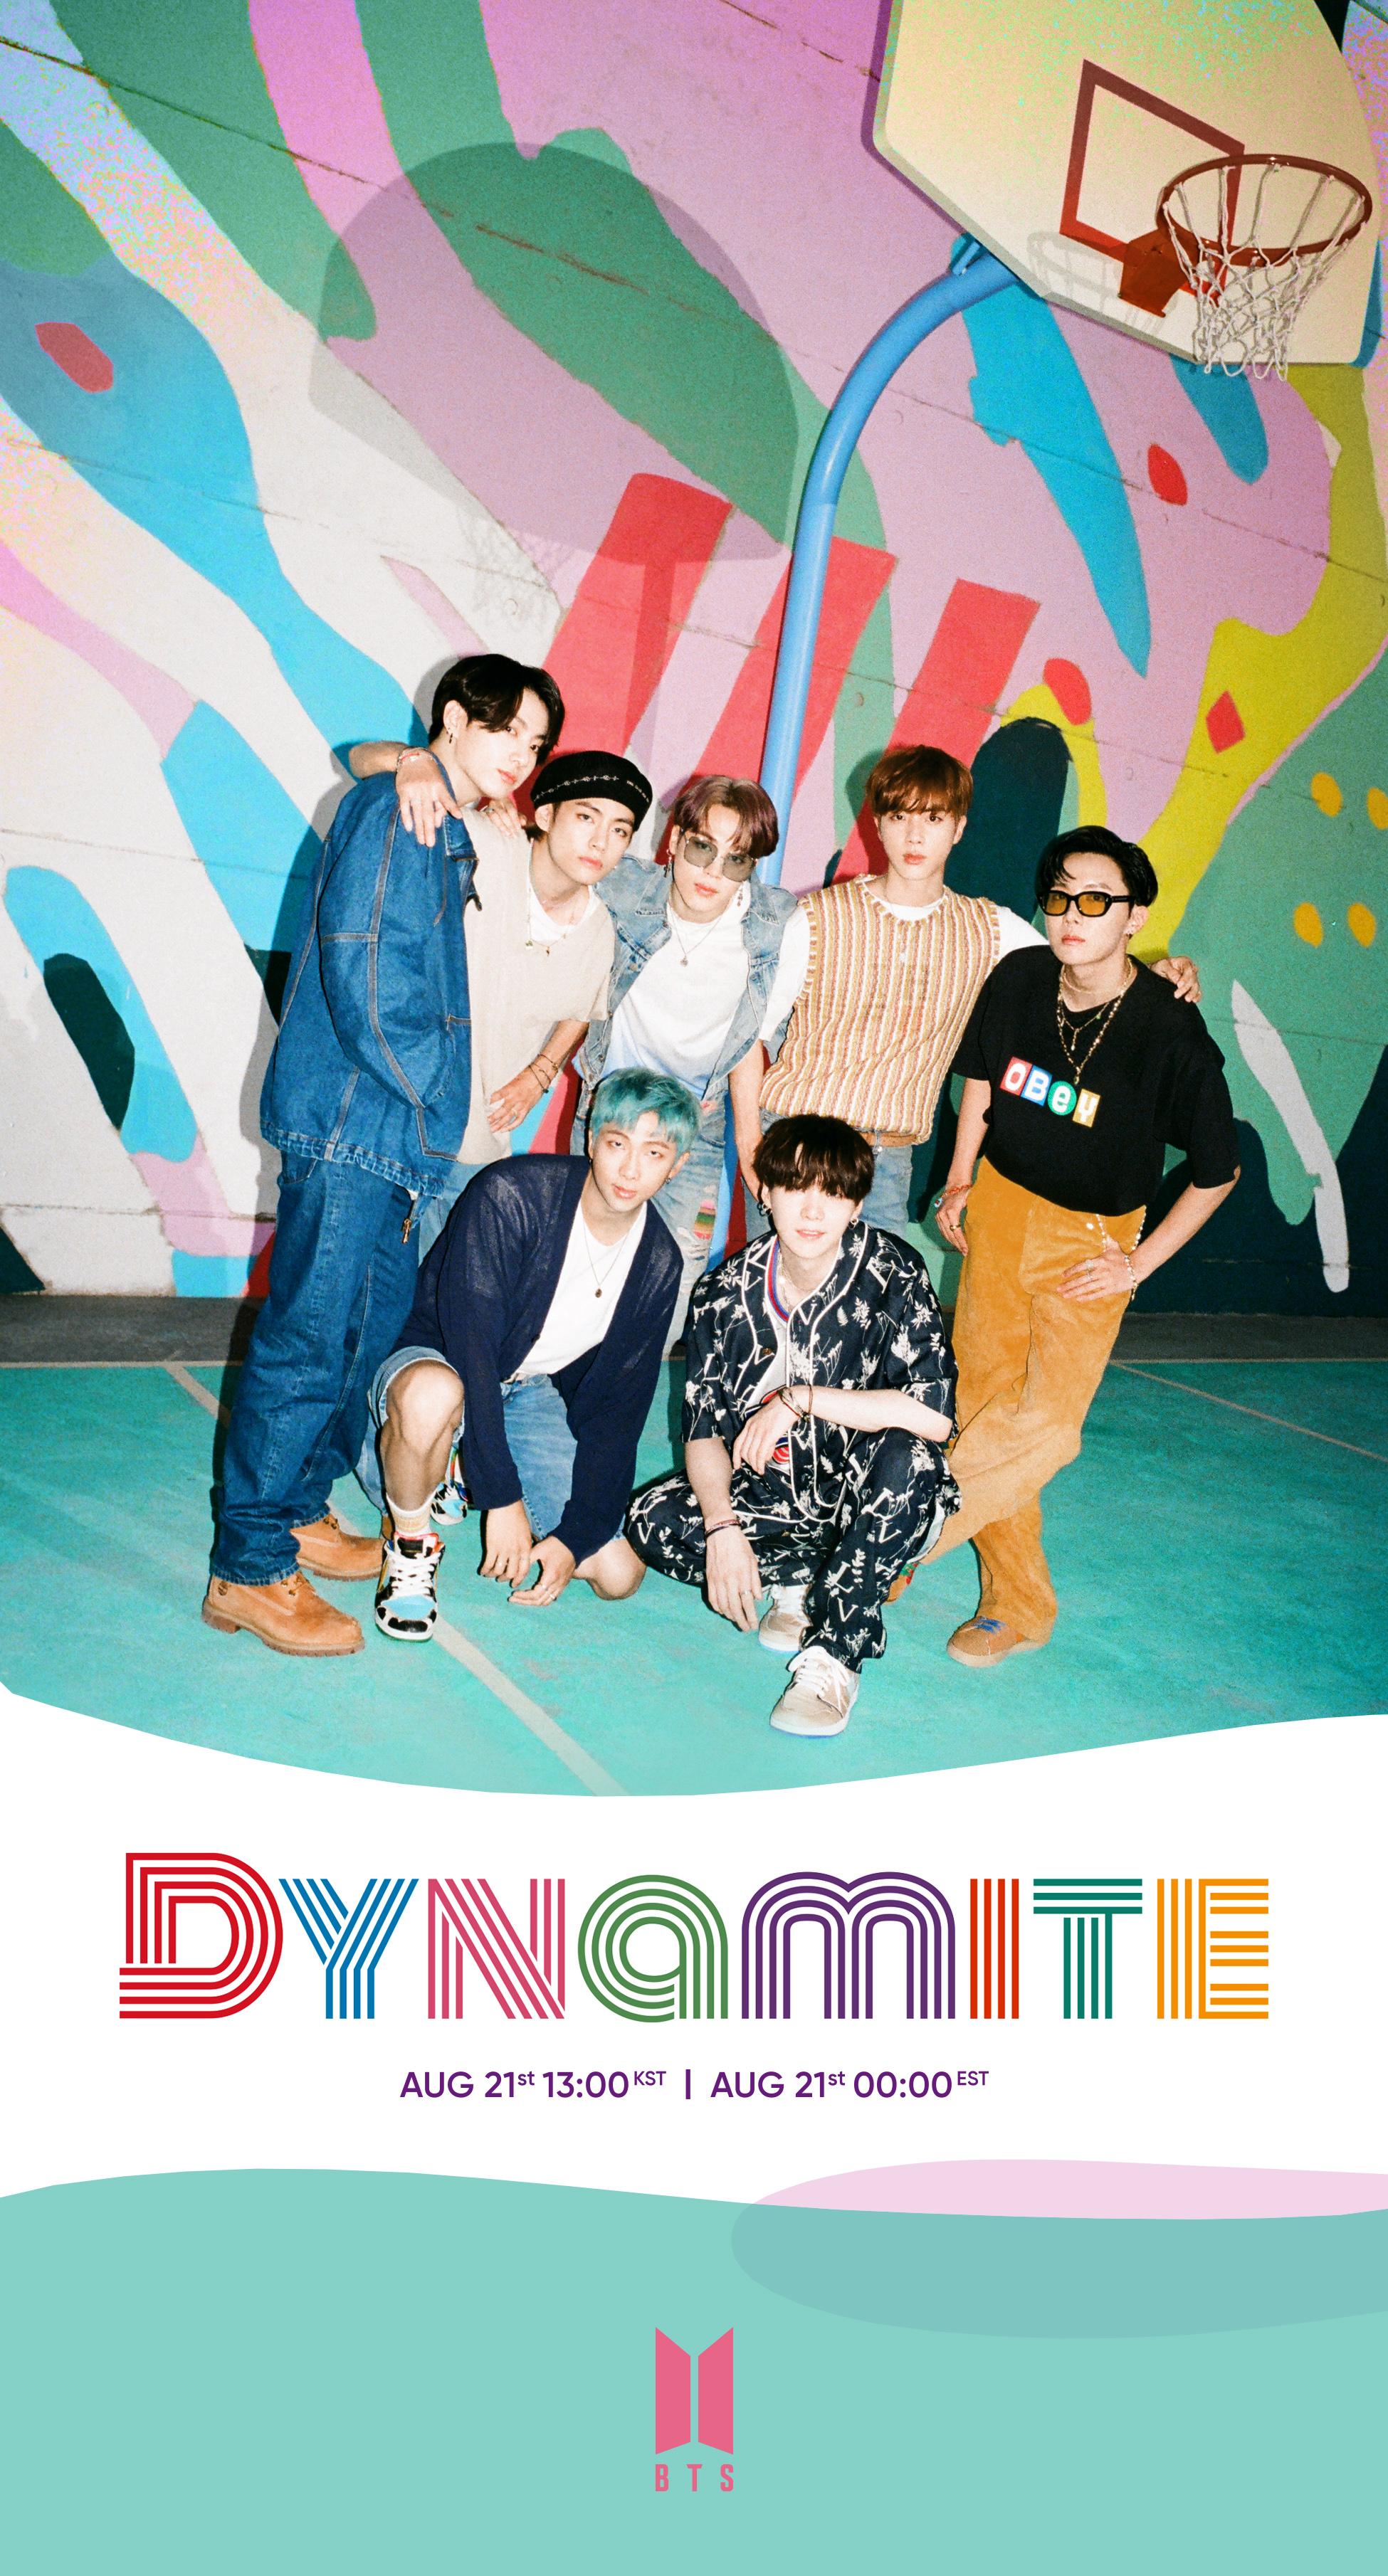 BTS Dynamite Teaser Group